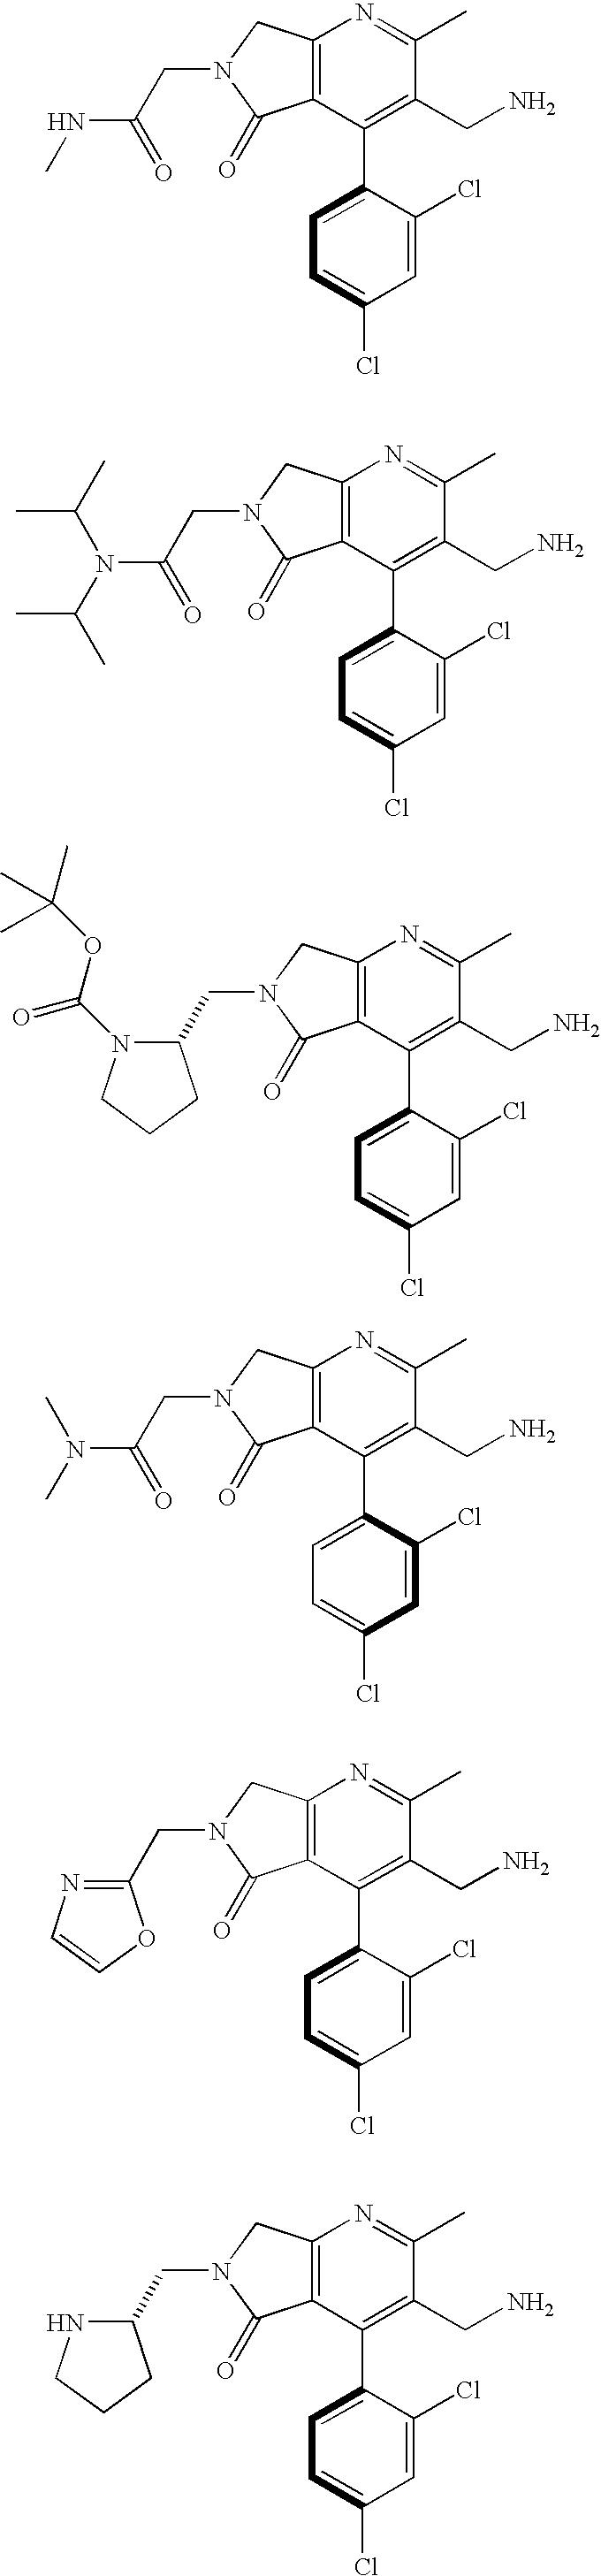 Figure US07521557-20090421-C00316